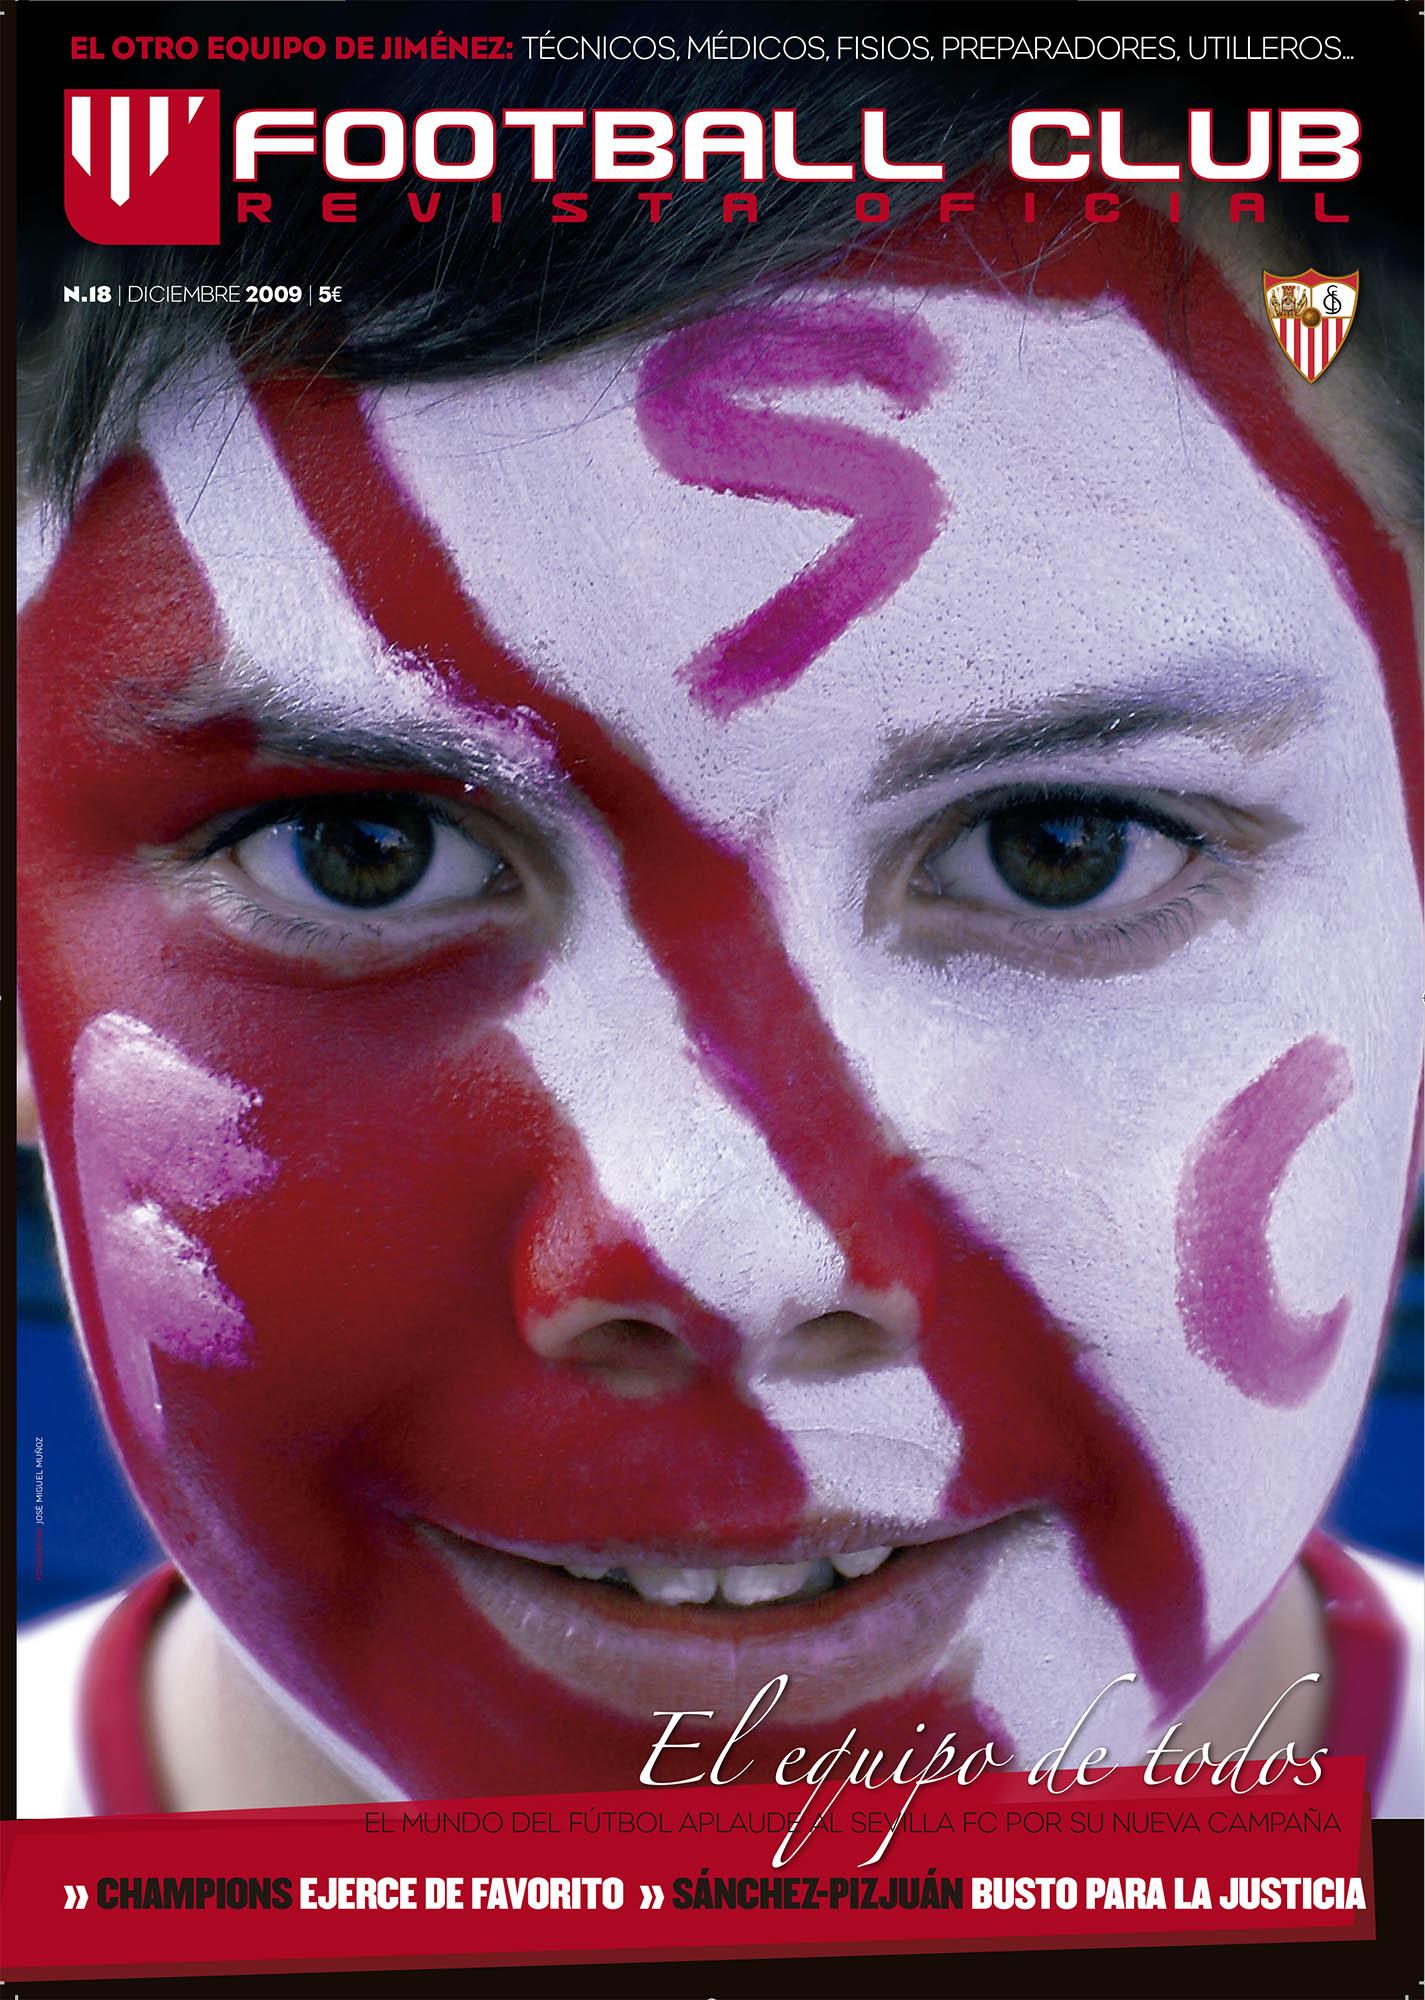 El equipo de todos | Football Club | dic 2009